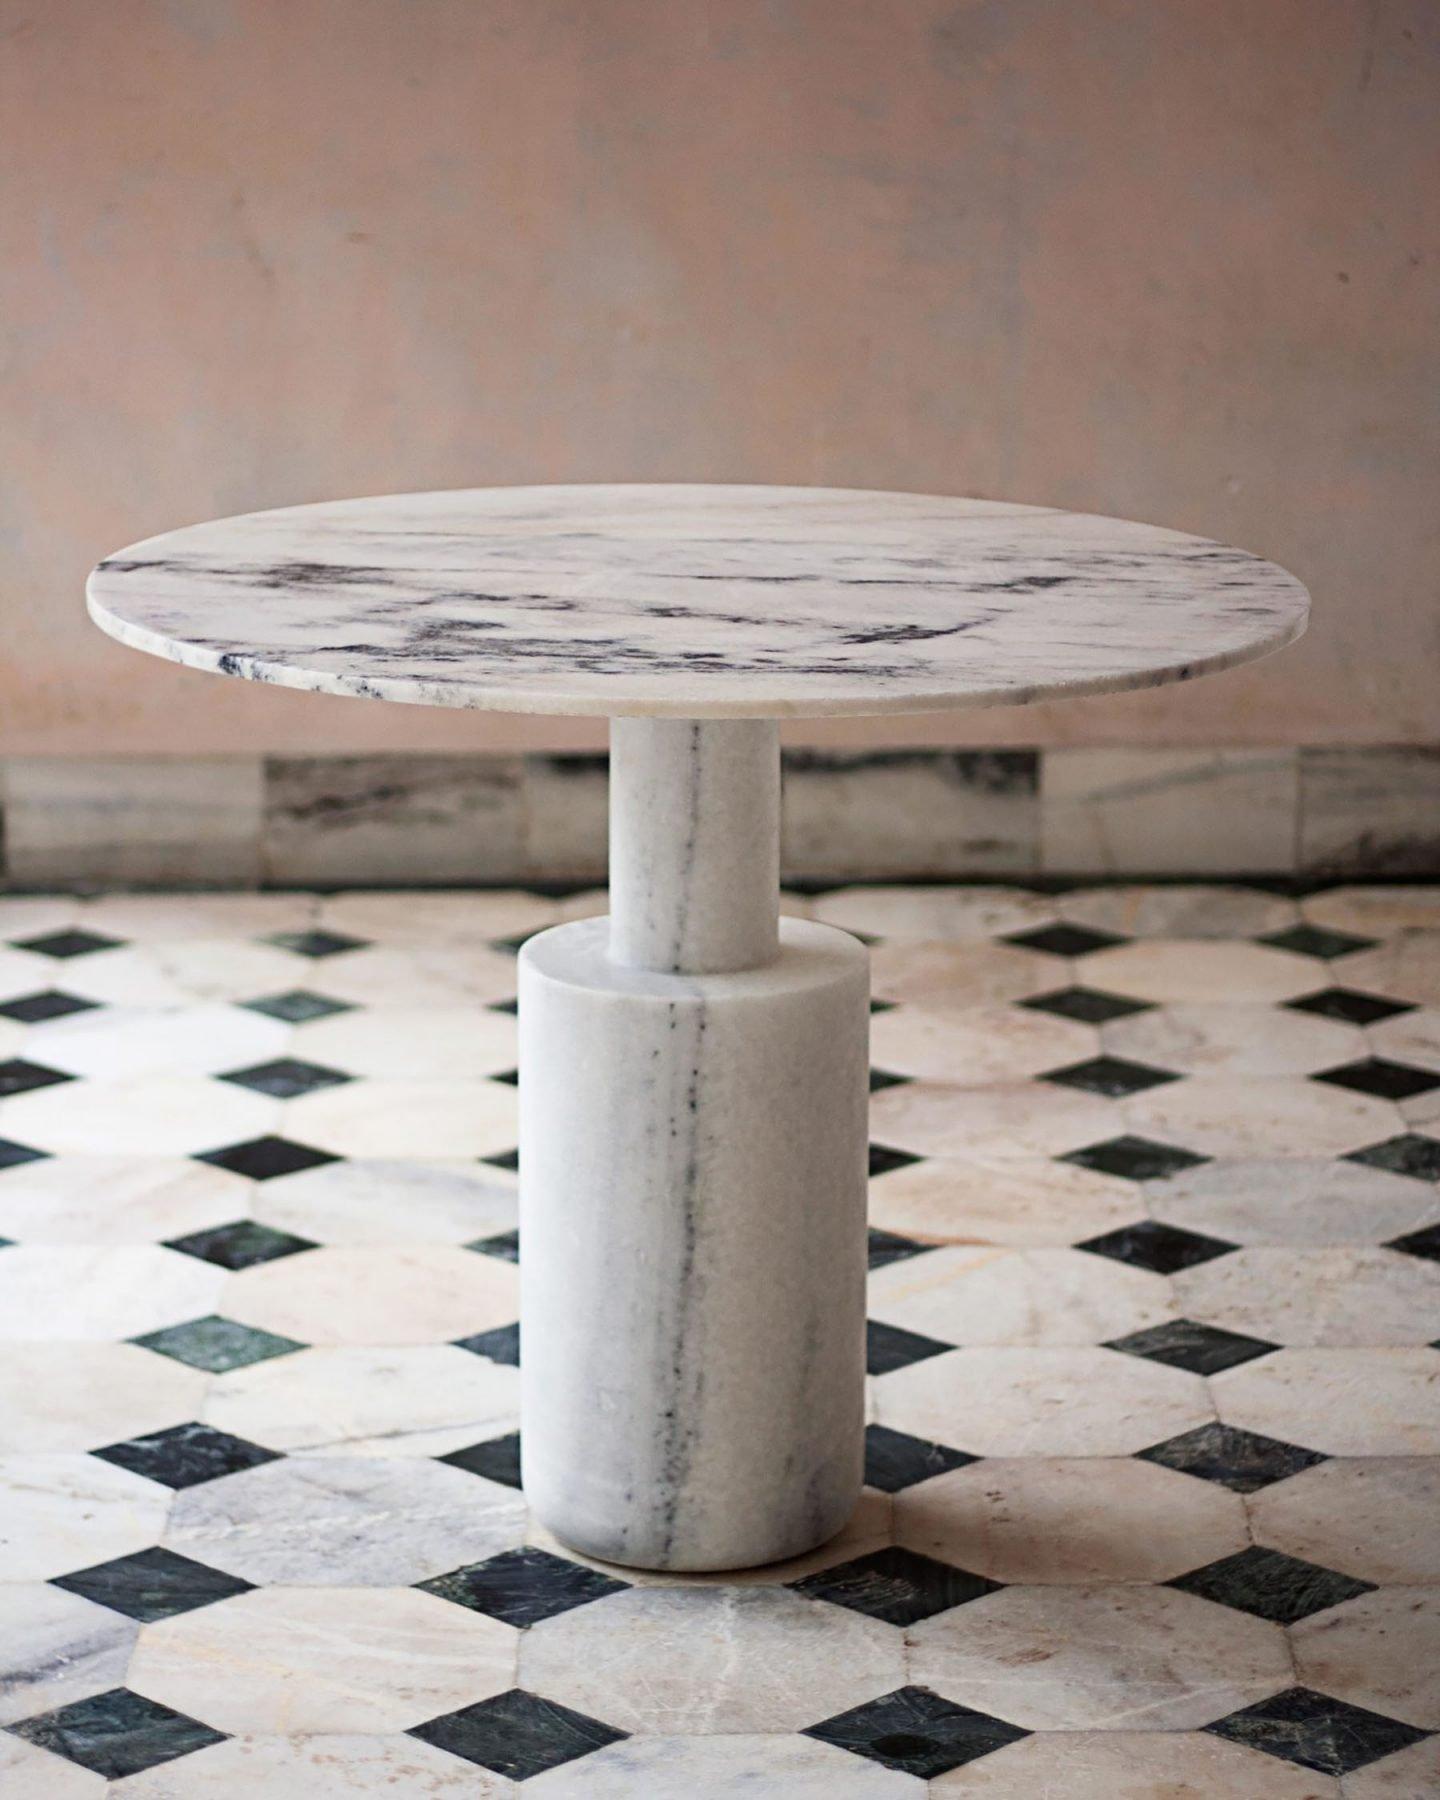 iGNANT-Design-Raw-Material-022